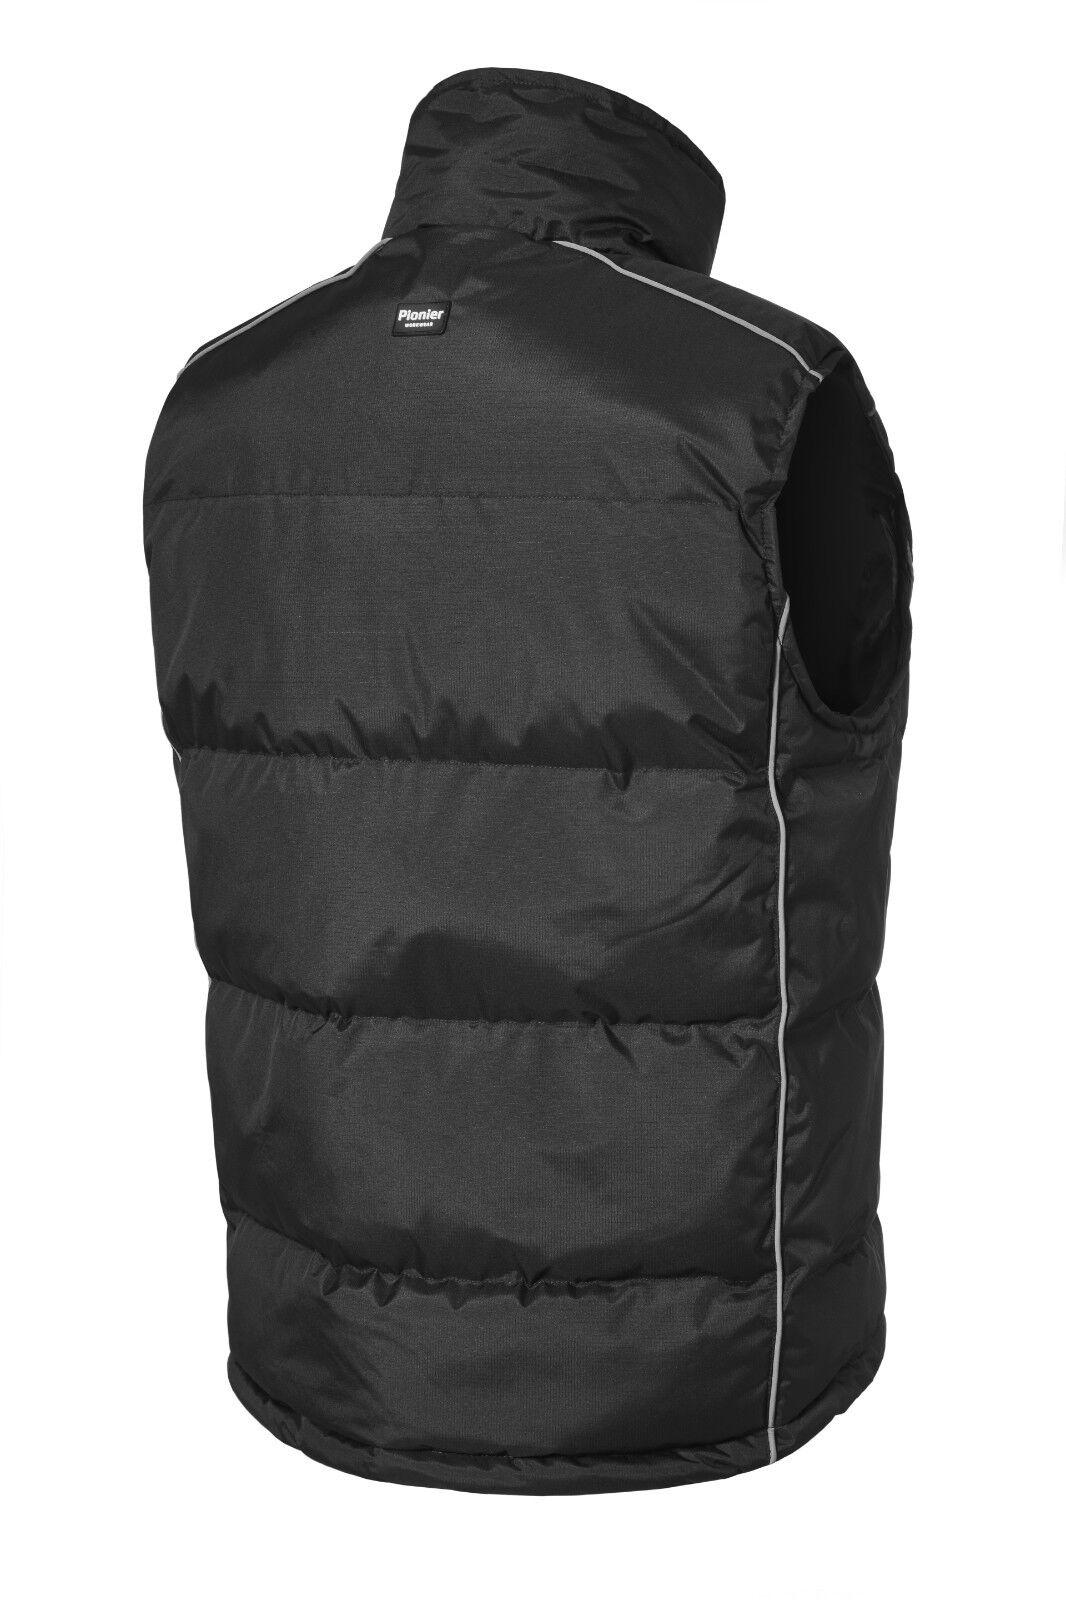 Pionier chaleco 80031 negro Workwear Vest thermoweste trabajo chaleco ACOLCHADO thermoweste Vest b74c12